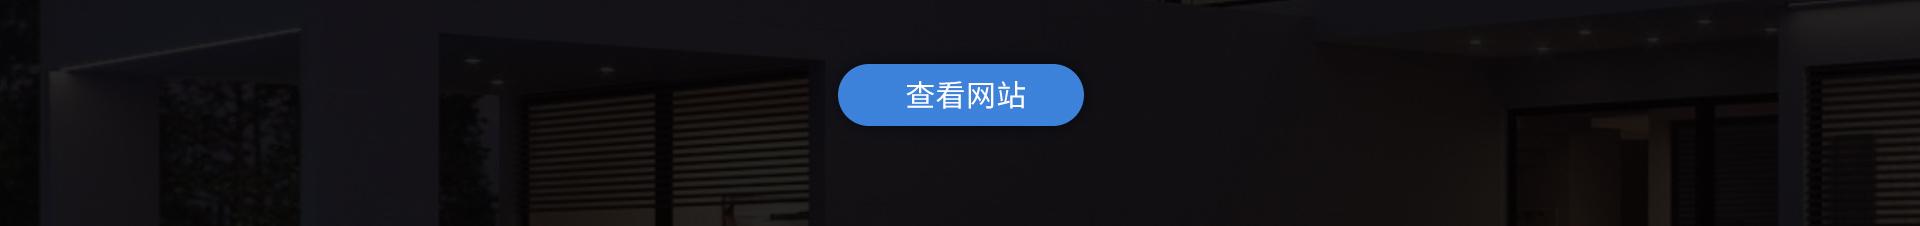 页面-邱晓彬-邱晓彬_02